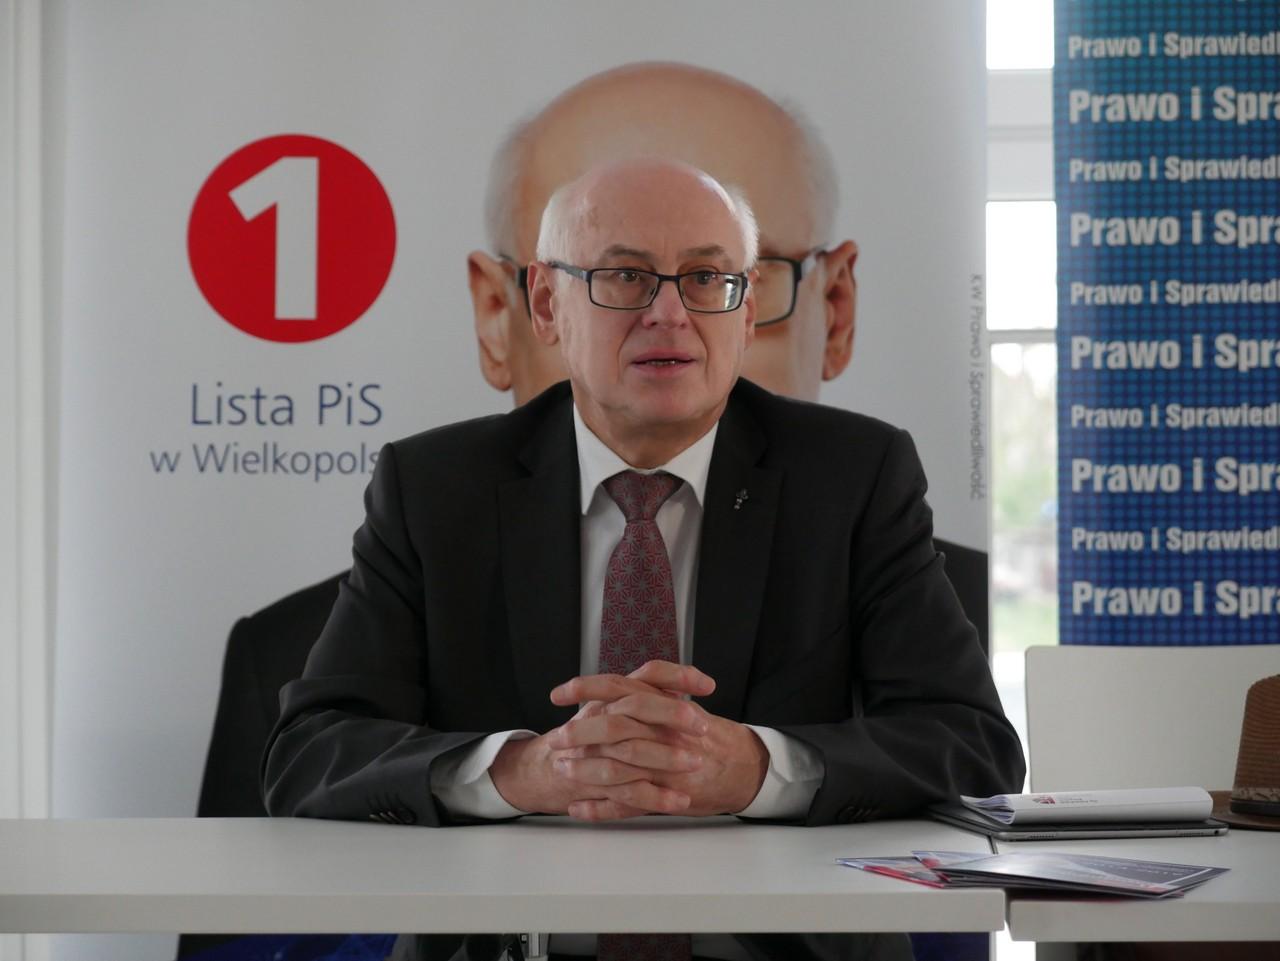 Zdzisław Krasnodębski - Sławomir Zasadzki